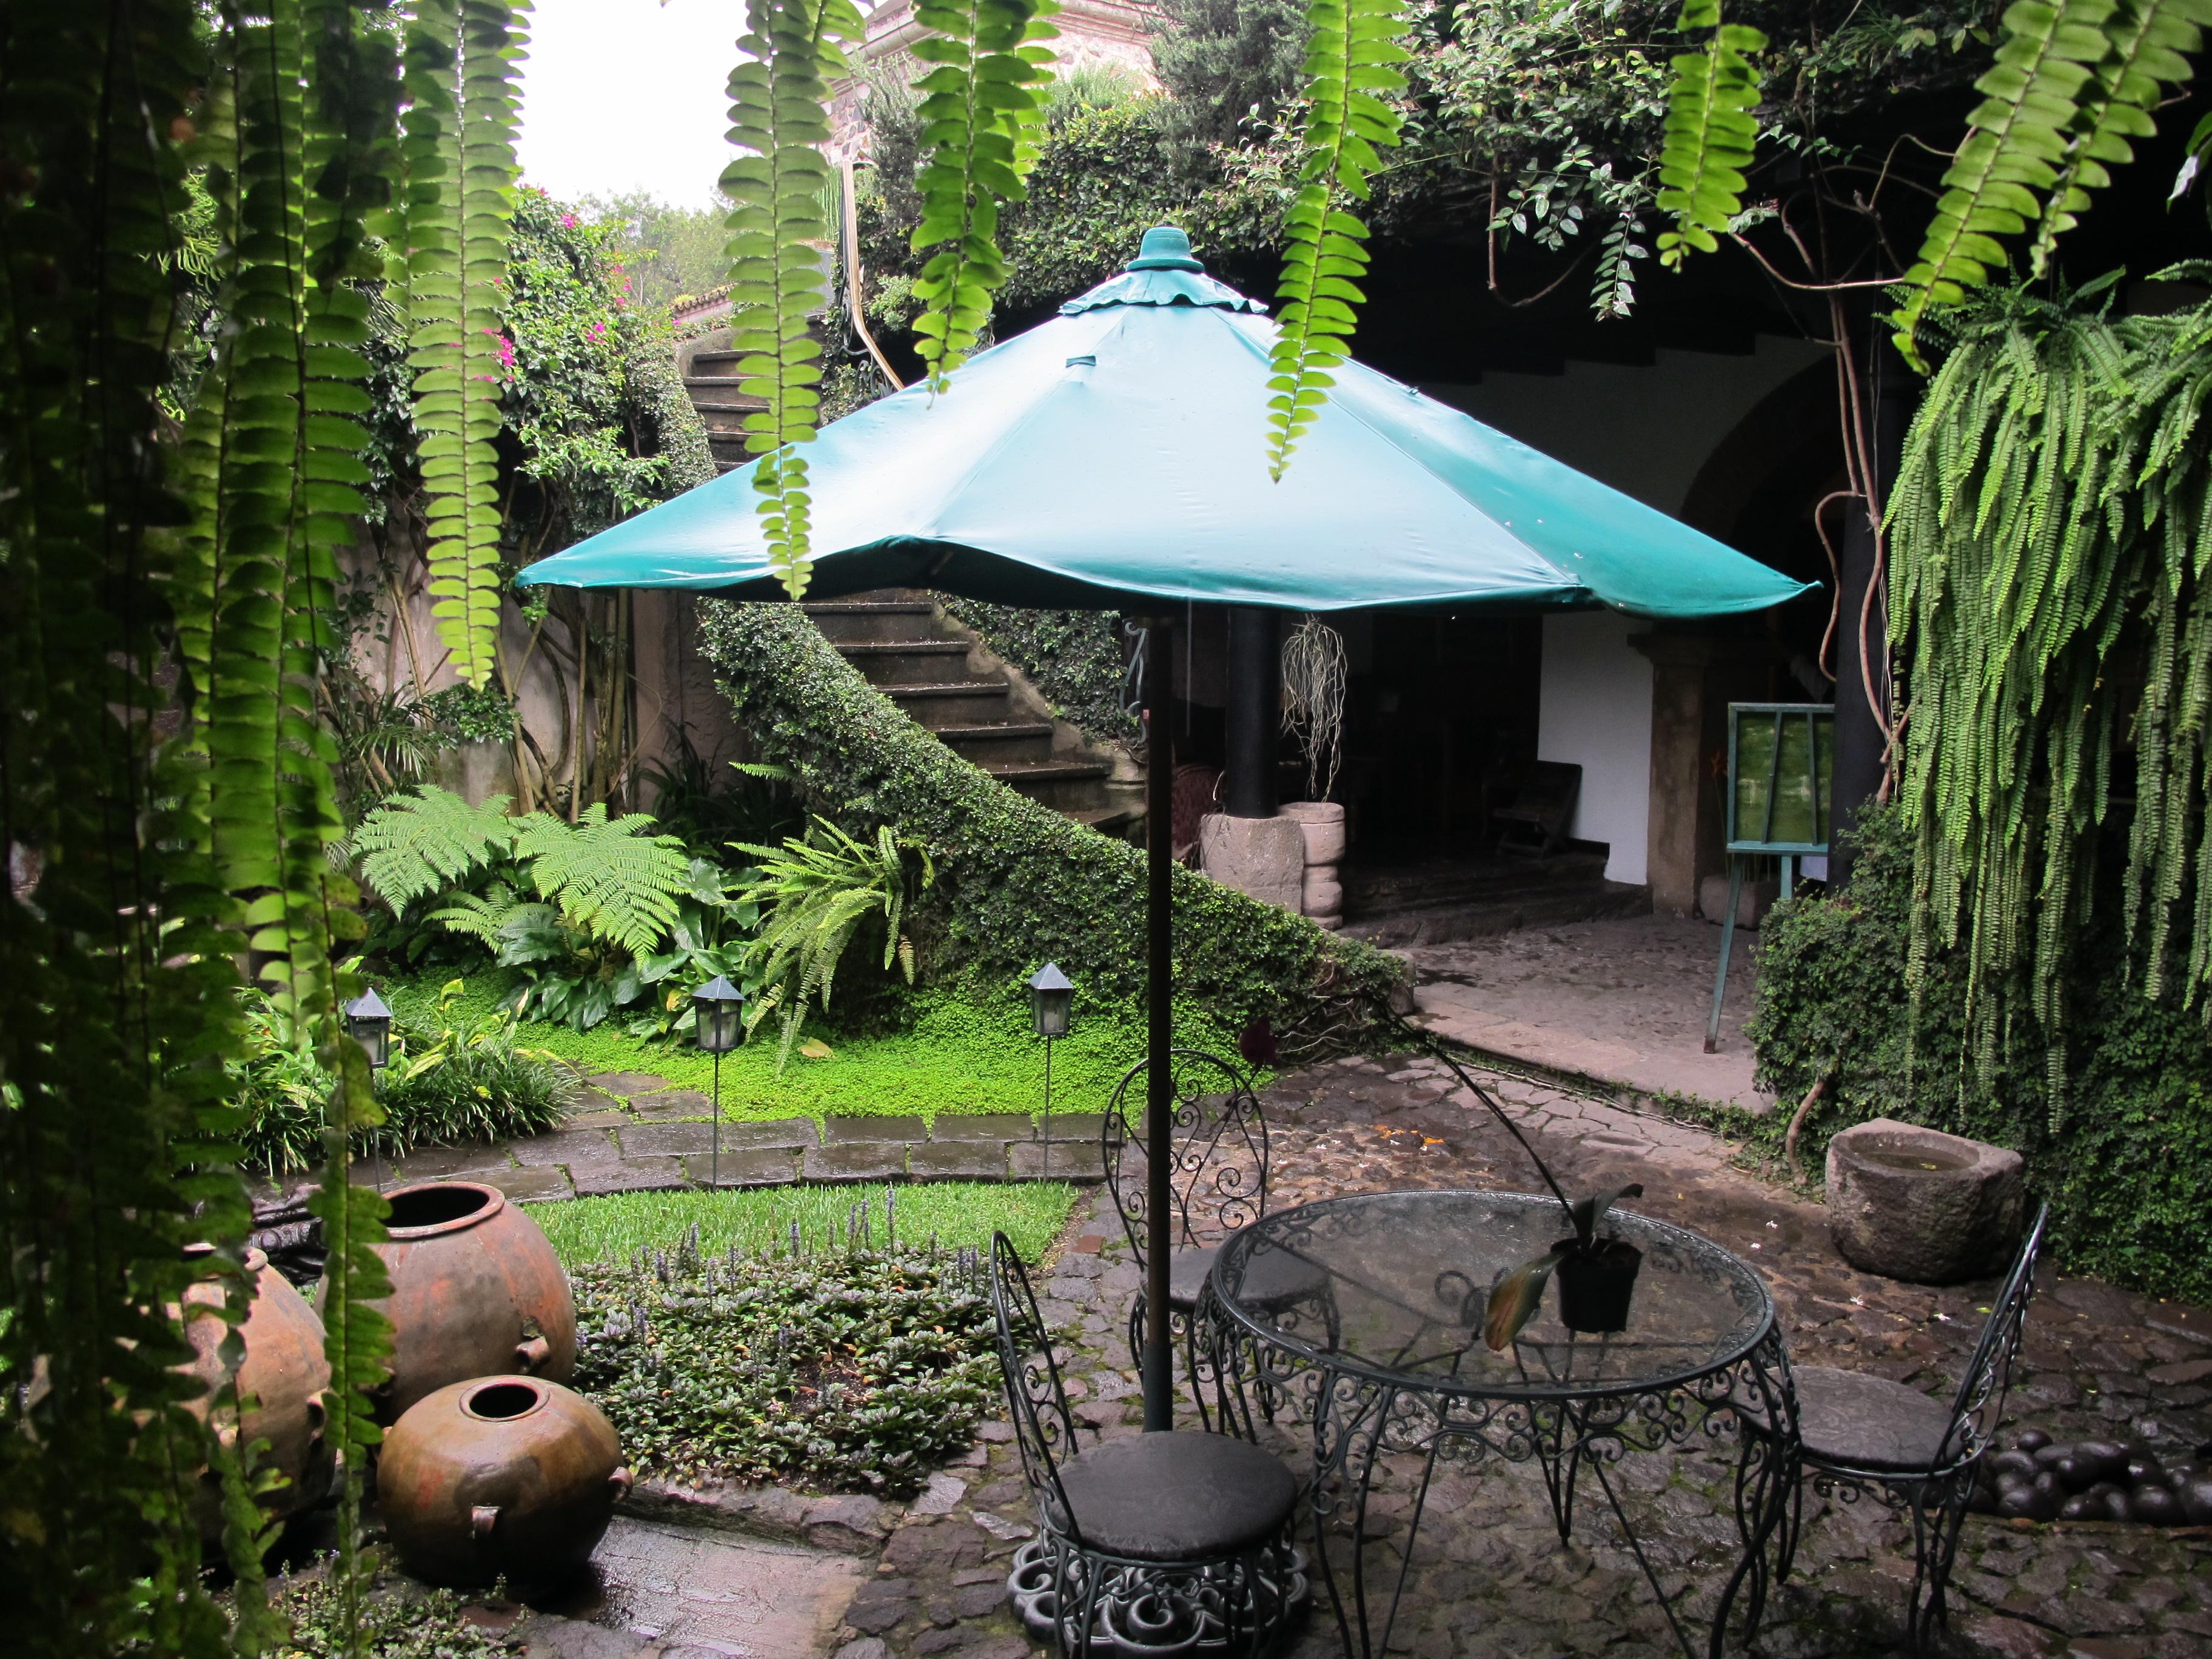 Meson Panza Verde Entrance Garden